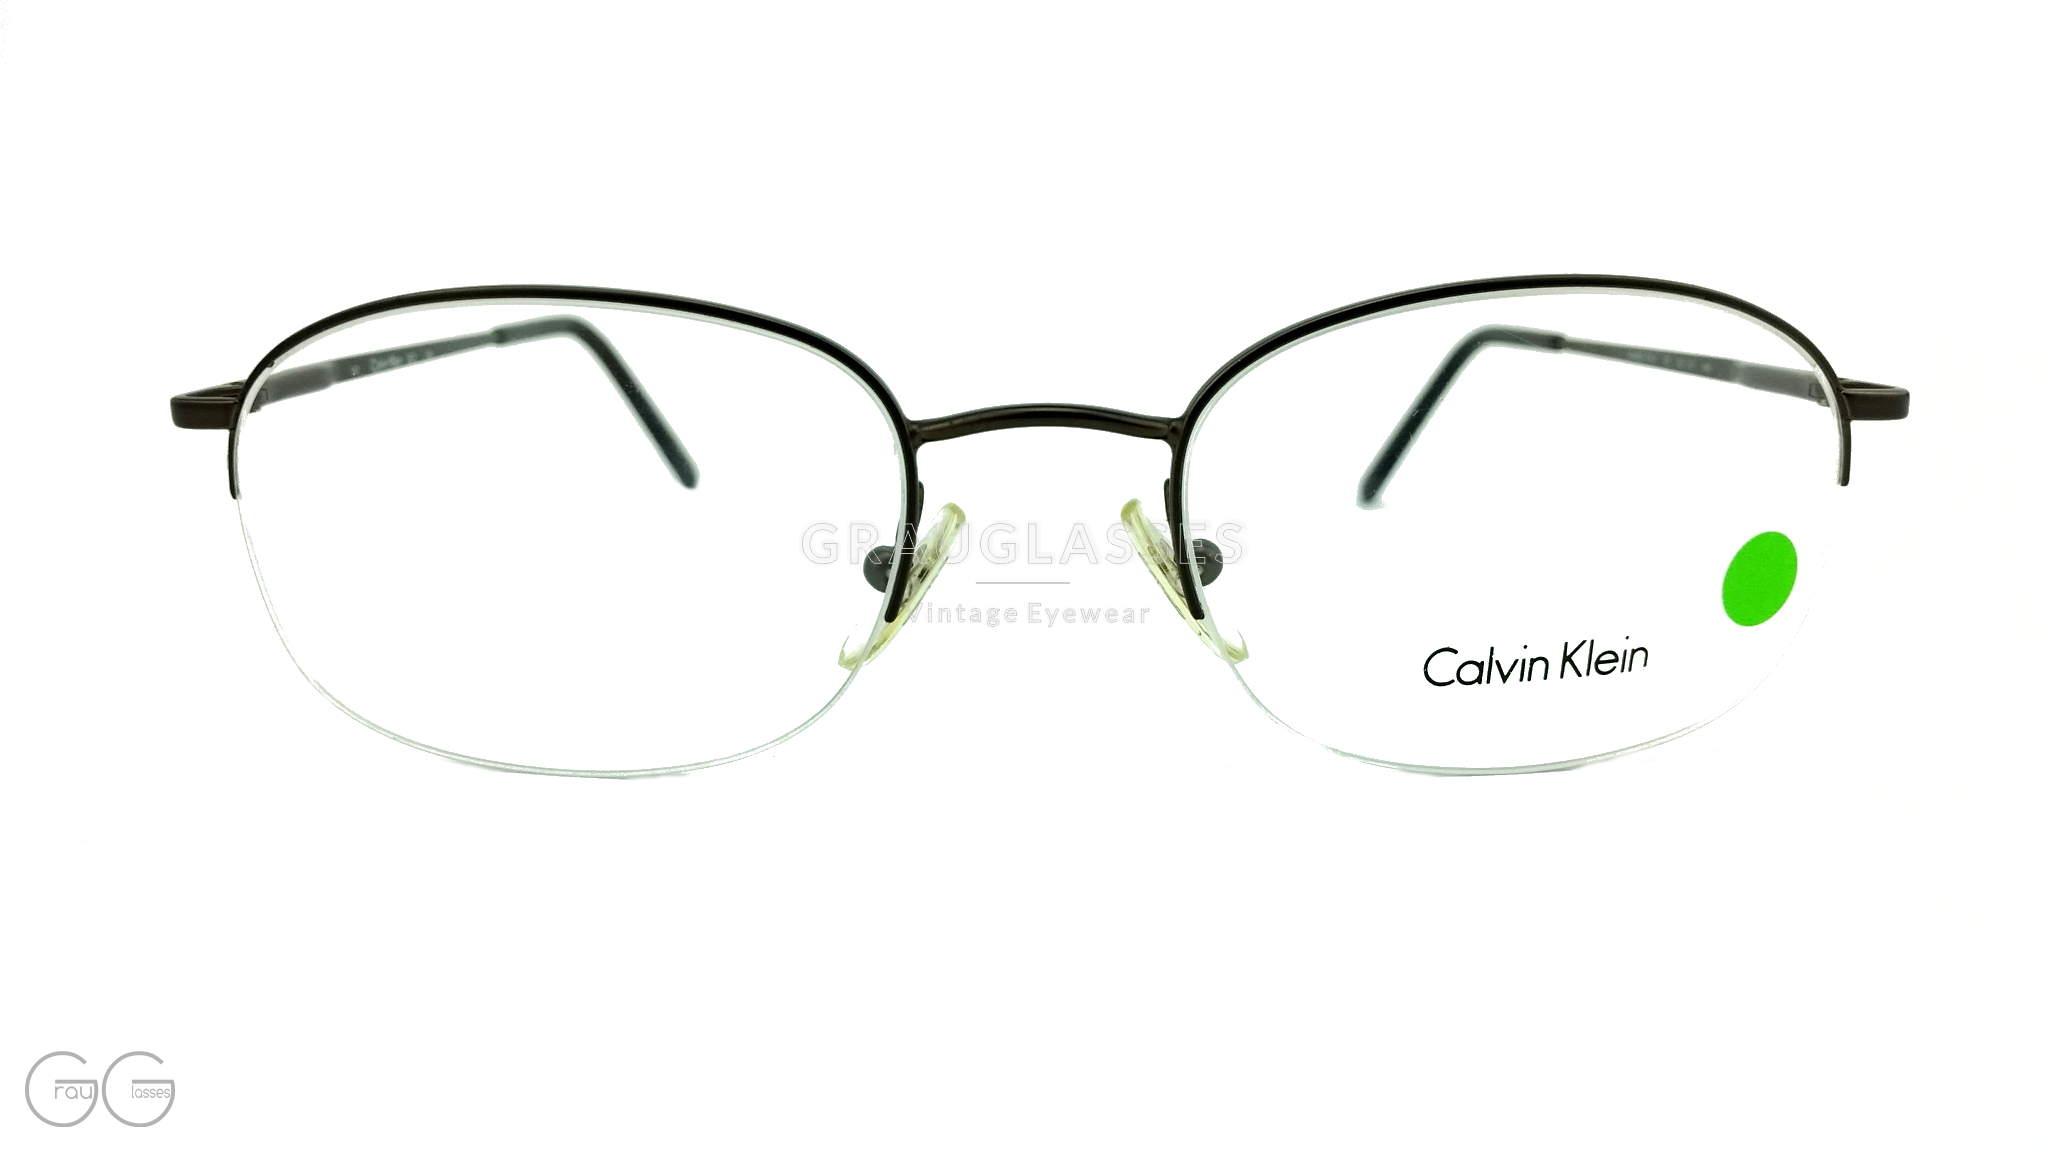 ziemlich cool Laufschuhe letzte Auswahl Calvin Klein Vintage Brille Modell 263 Color 589 Leichte schwarze ...